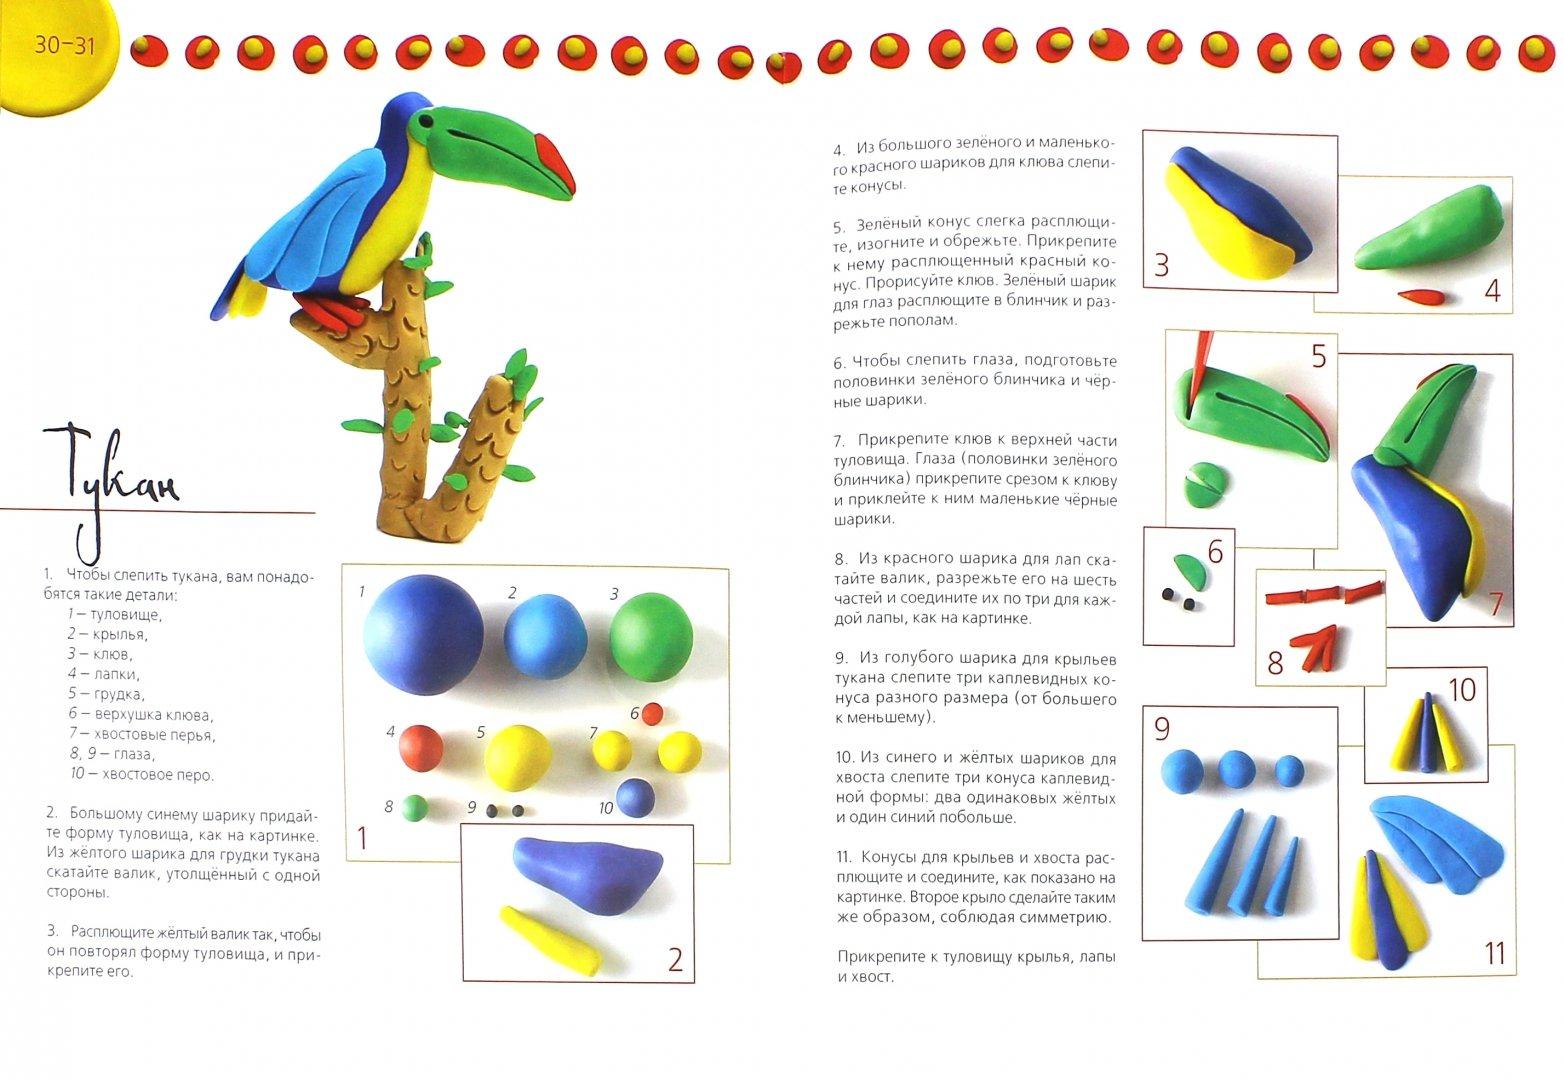 Иллюстрация 1 из 16 для Зоопарк из пластилина - Мария Макаренко   Лабиринт - книги. Источник: Лабиринт